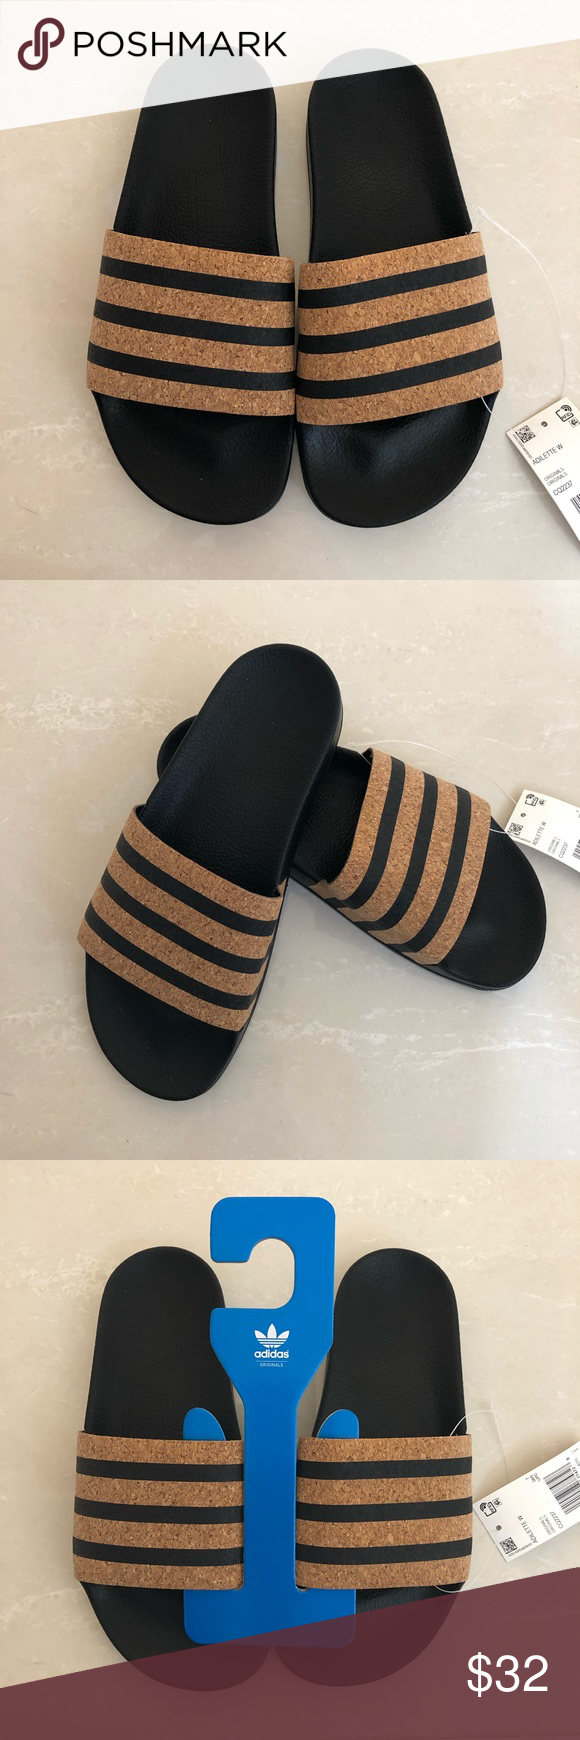 b4df5ed00 ADILETTE CLOUDFOAM PLUS STRIPES SLIDES ADILETTE CLOUDFOAM PLUS STRIPES  SLIDES adidas Shoes Sandals